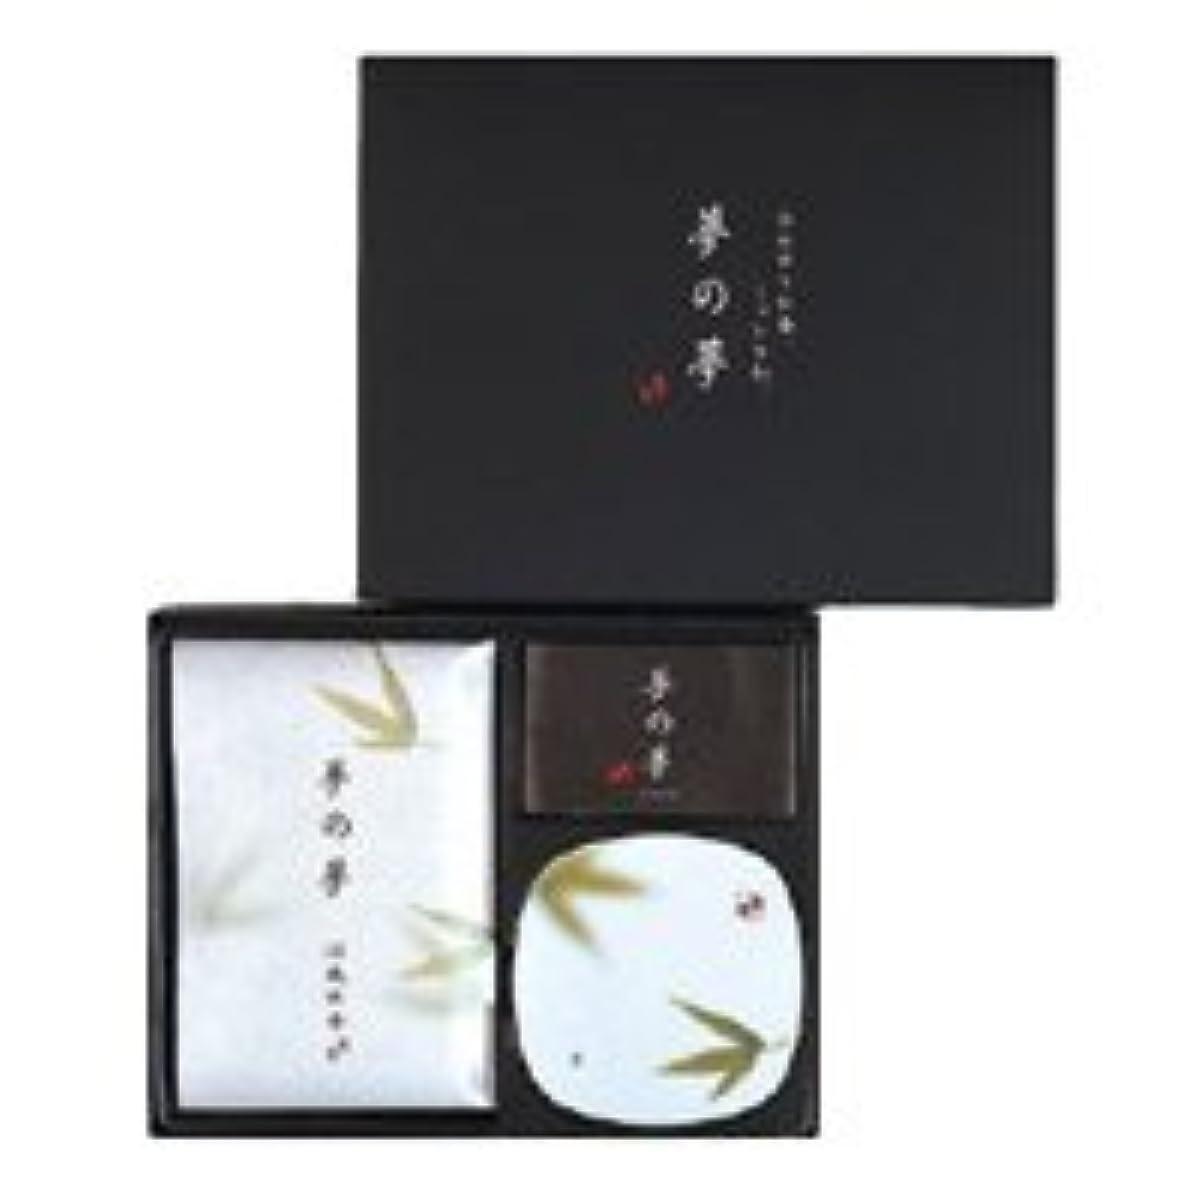 なくなる豊富に眩惑する日本香堂 夢の夢 涼風の香(すずかぜ) お香 ギフト